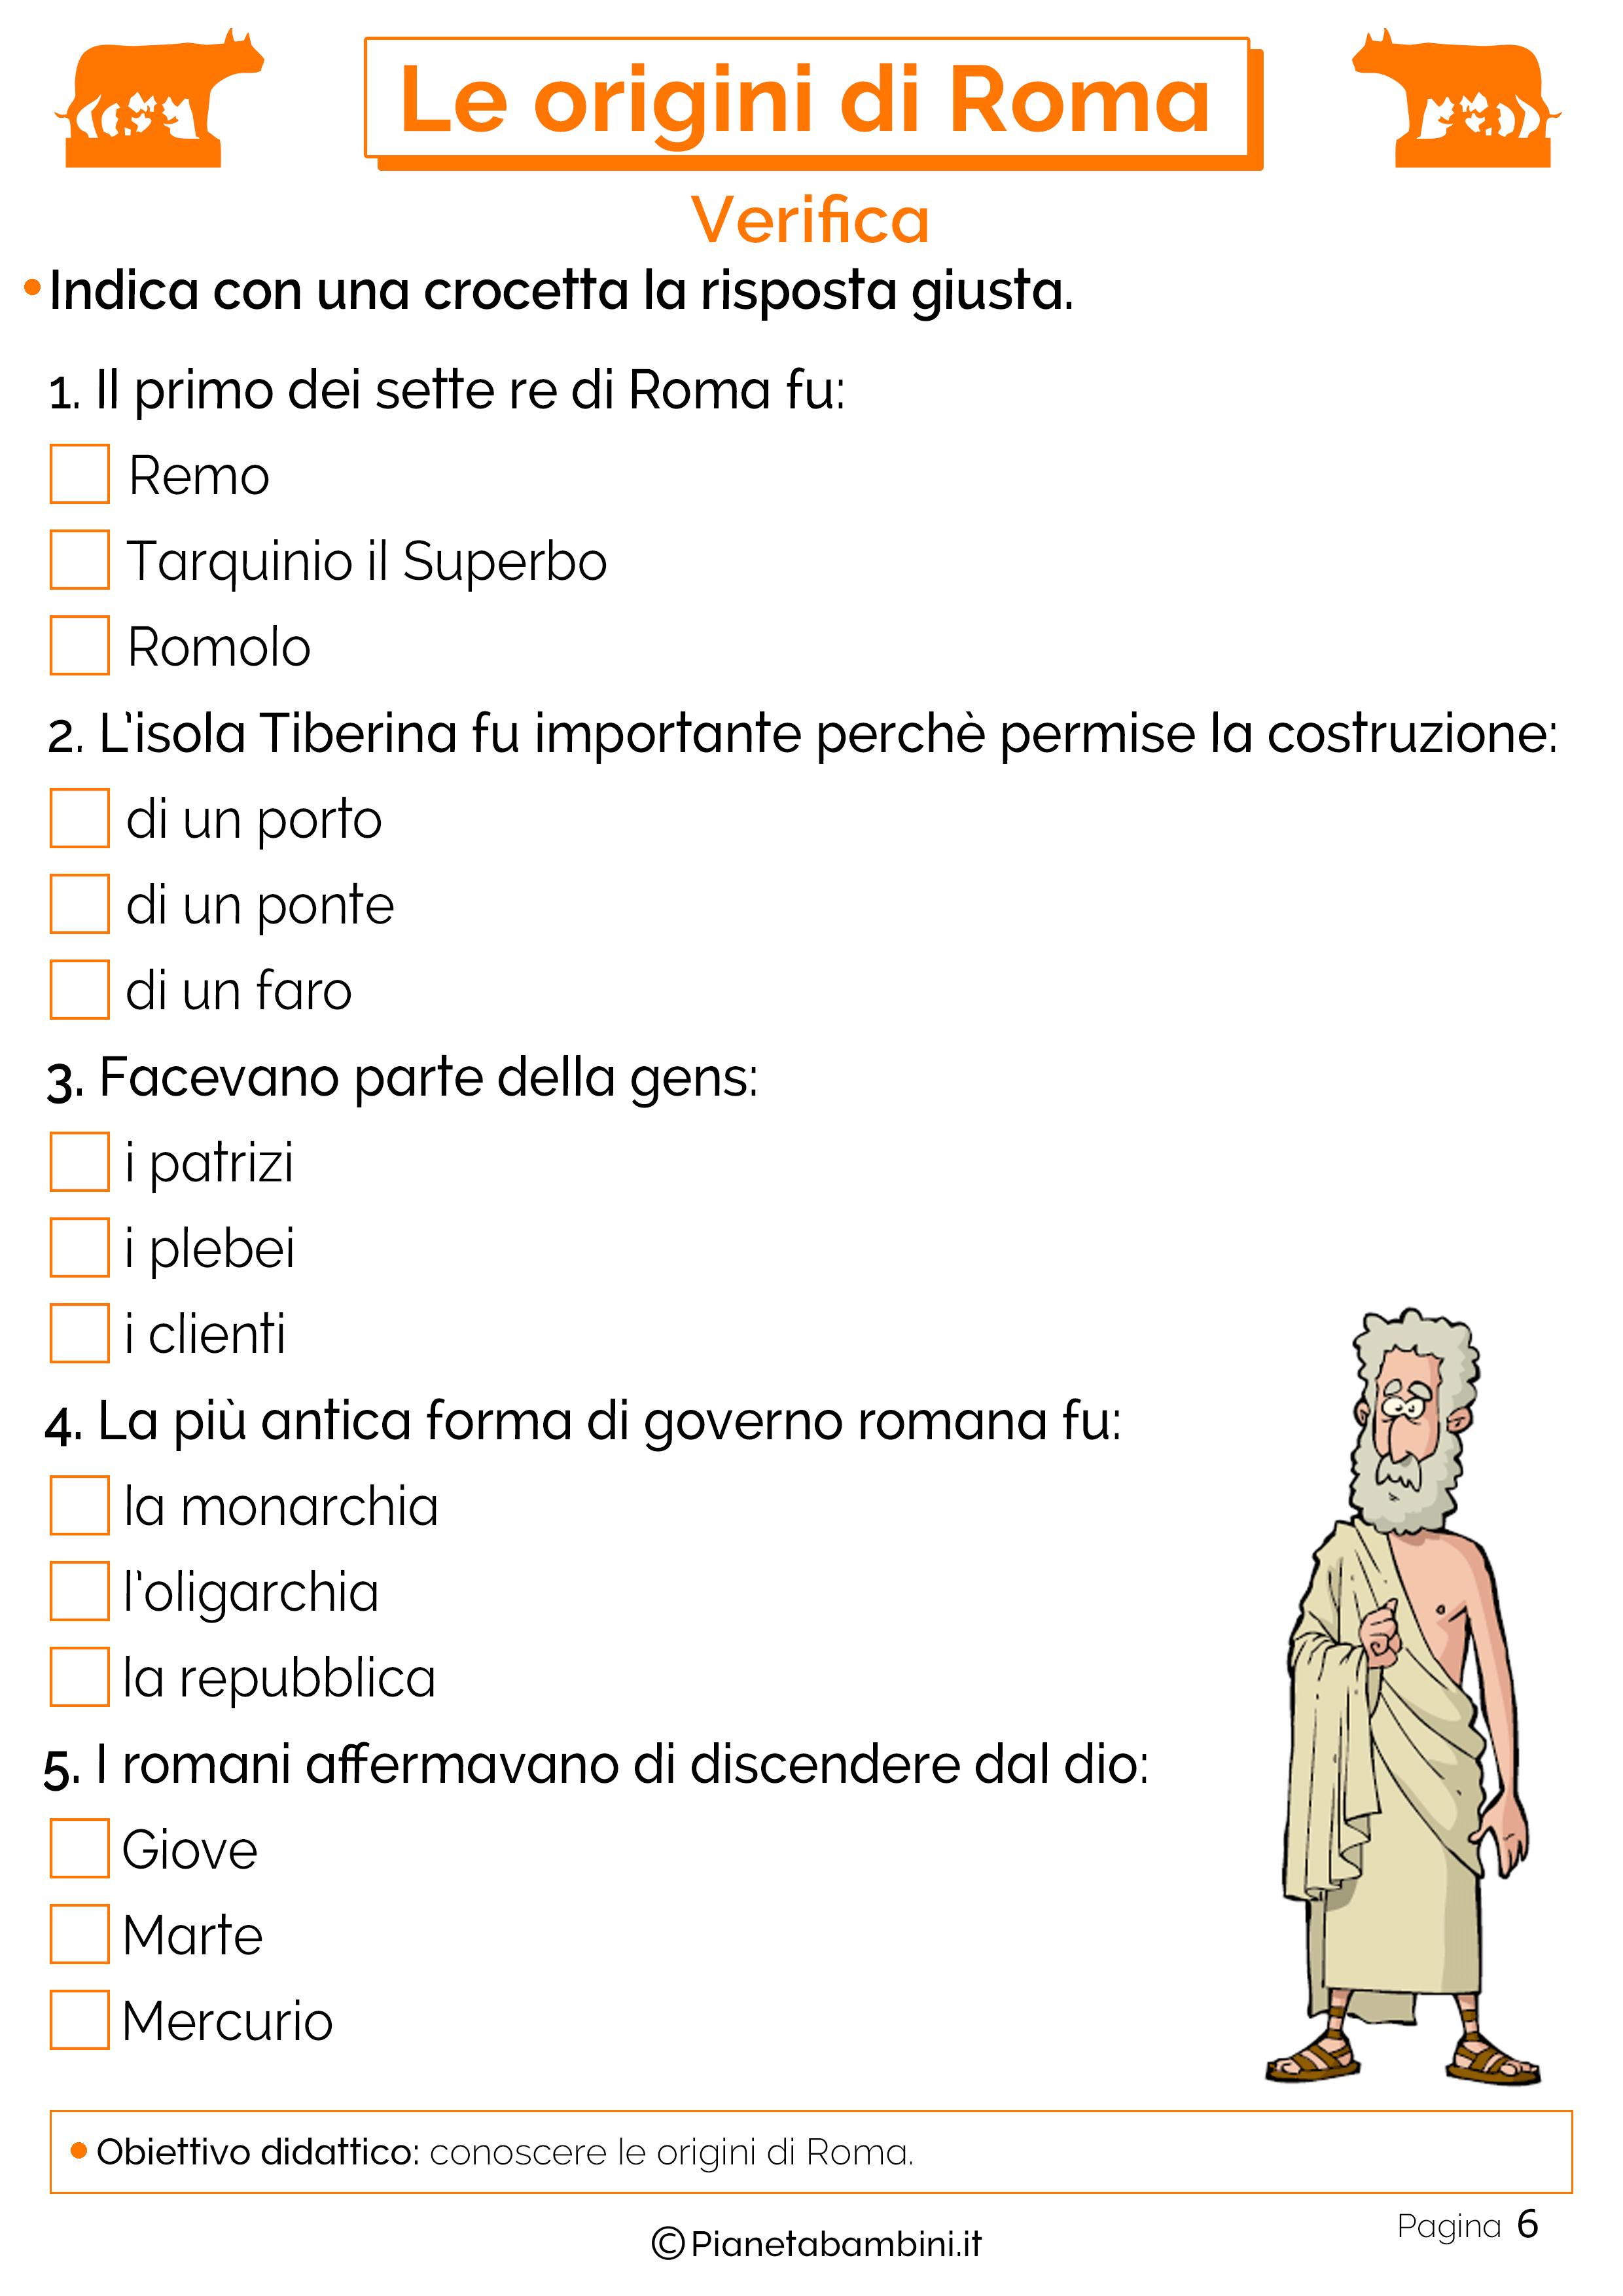 Verifica sulla nascita di Roma